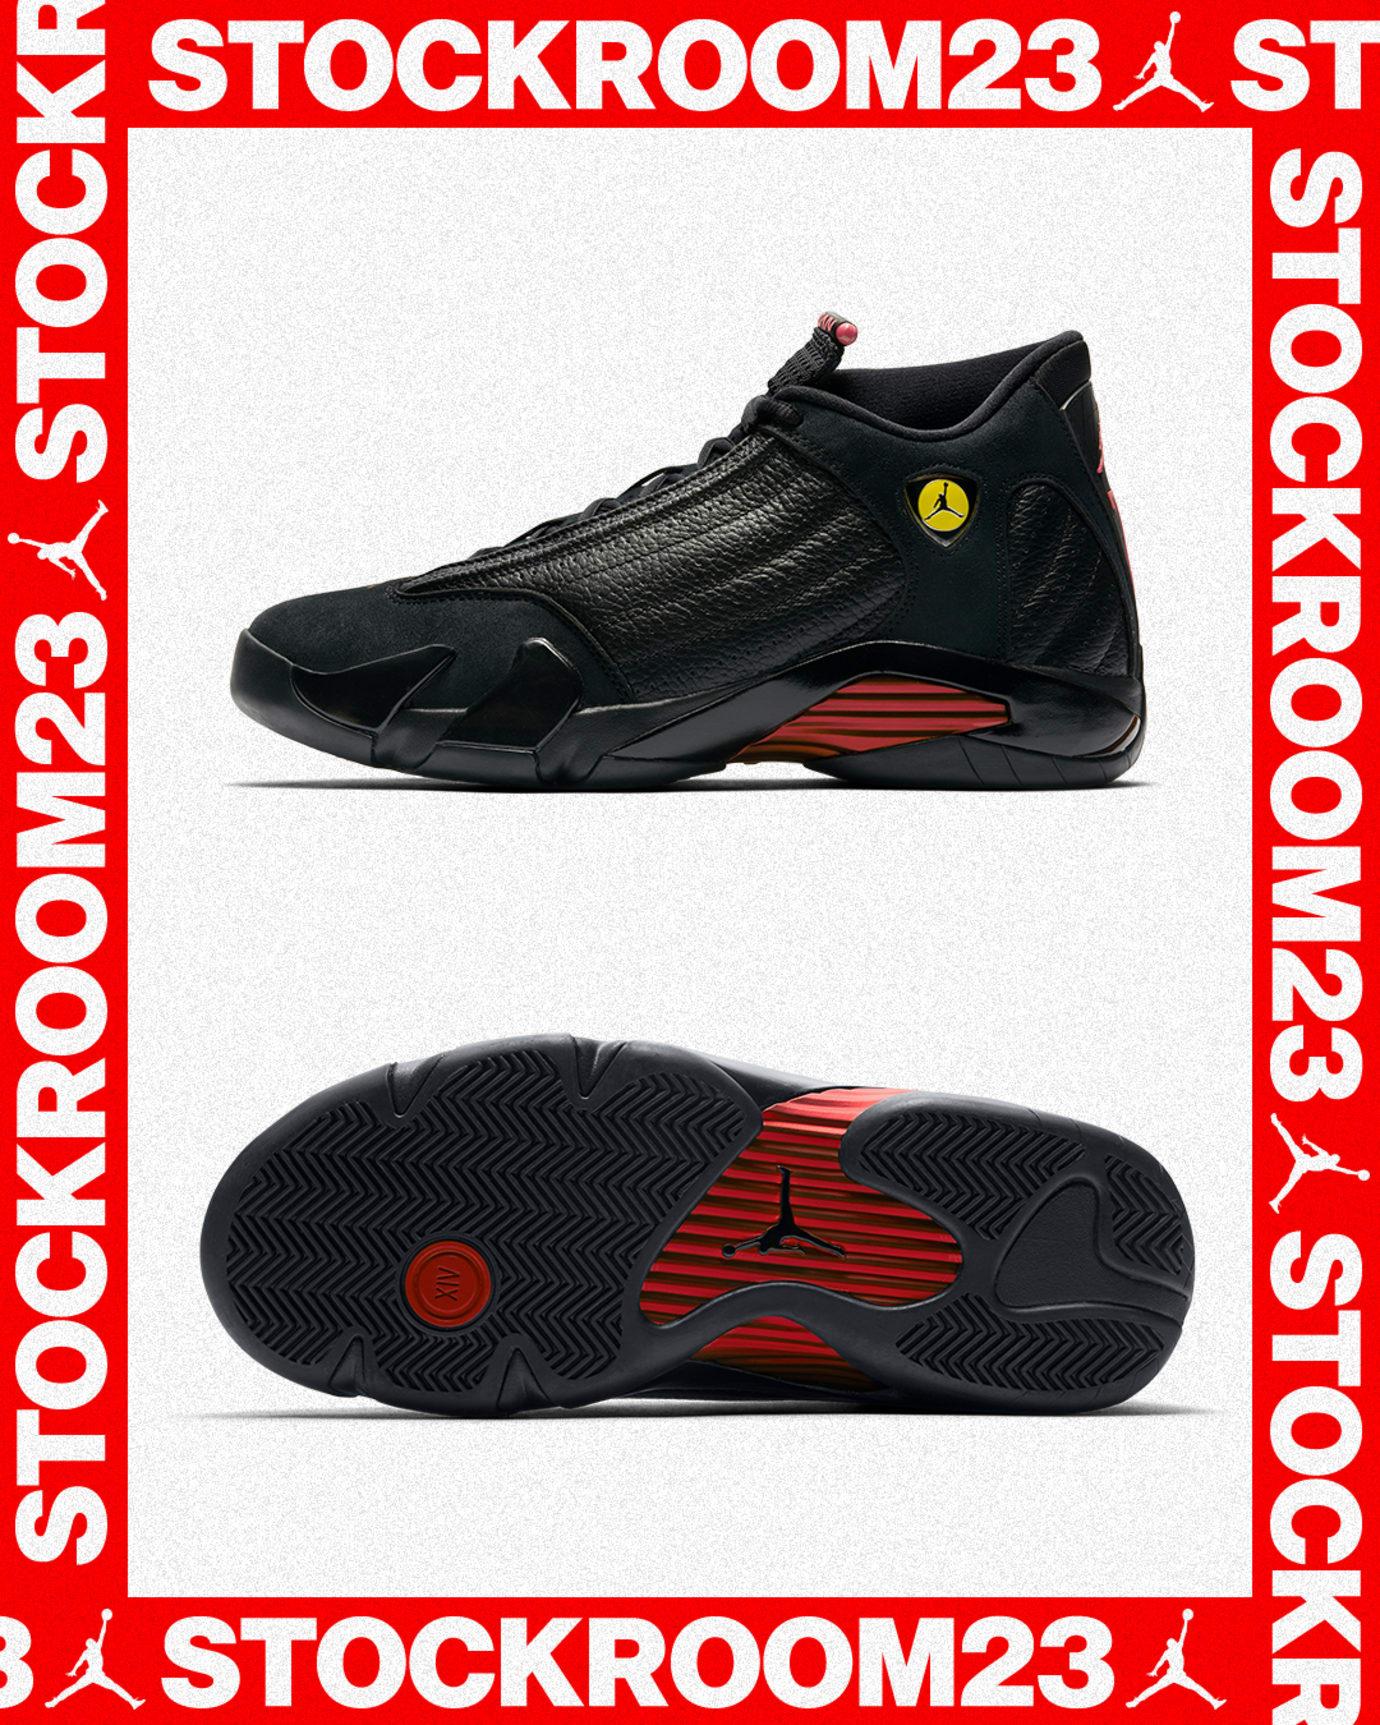 House of Hoops Stockroom23 Air Jordan 14 'Last Shot' Early Release